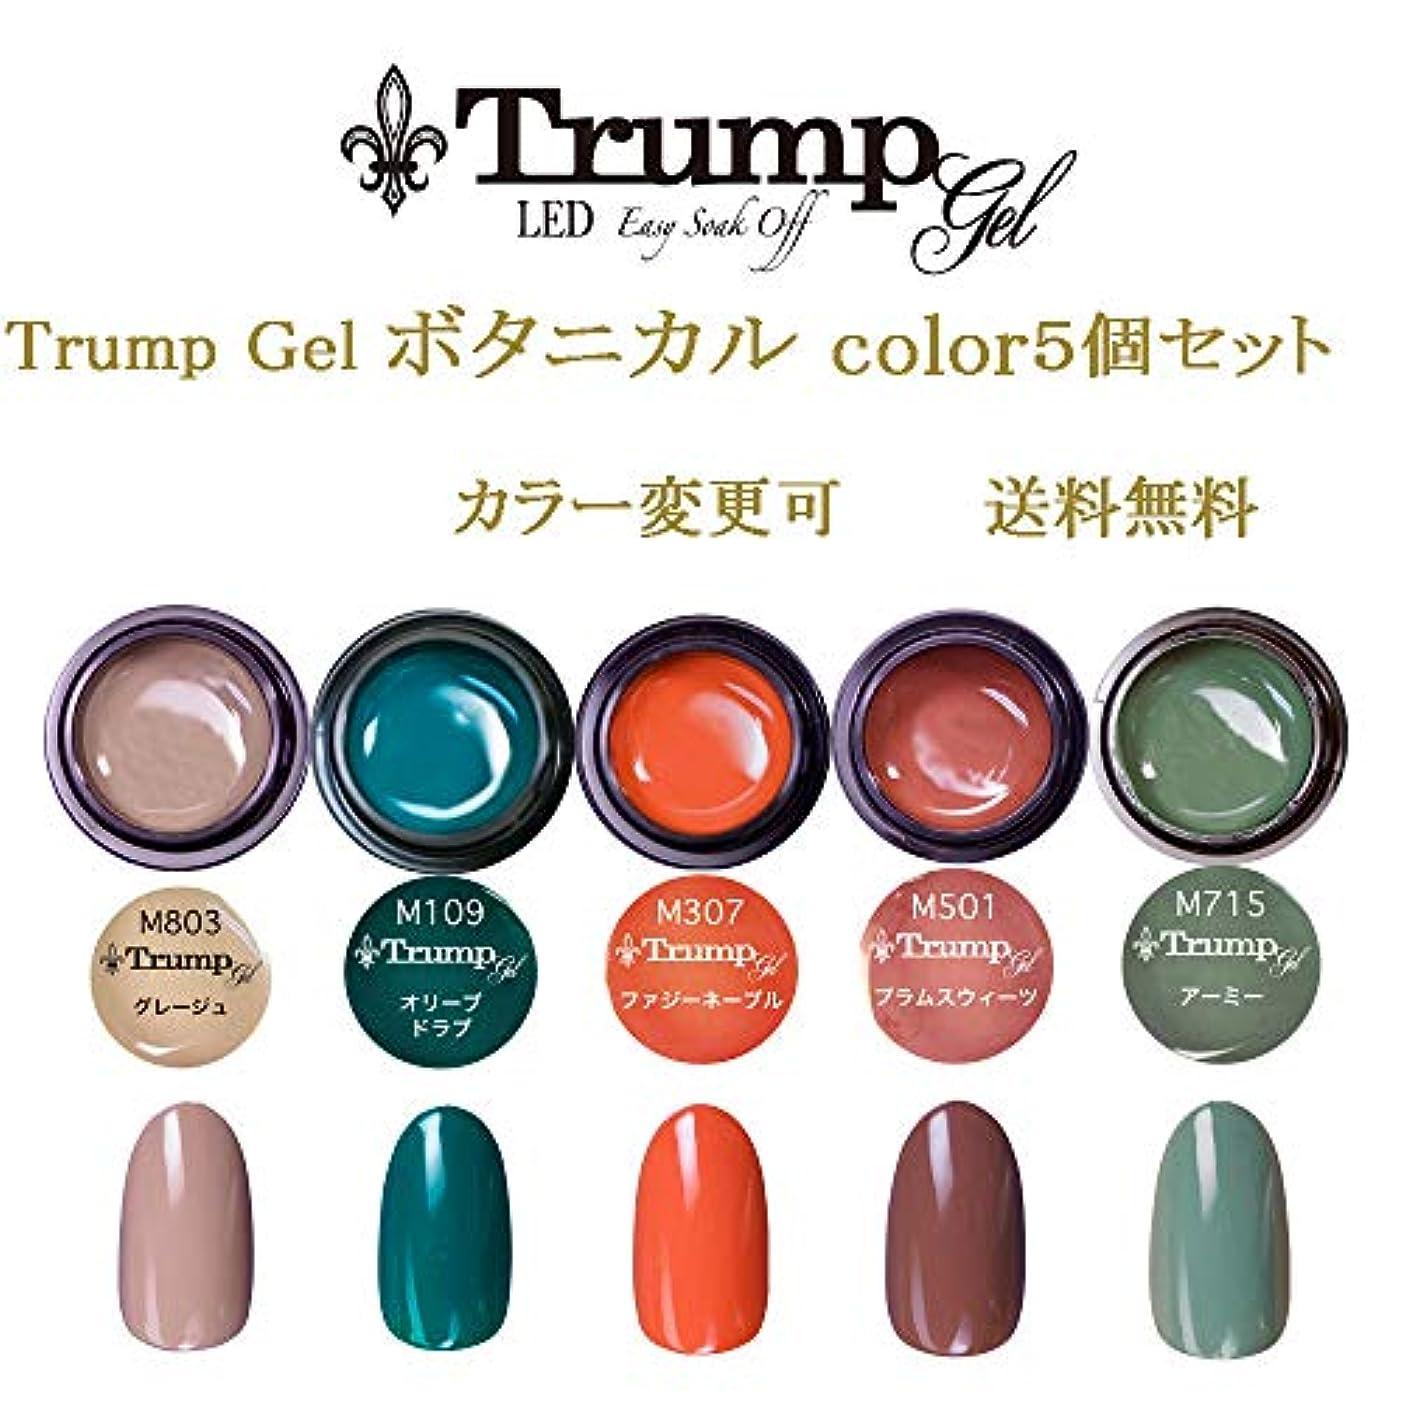 日本製 Trump gel トランプジェル ボタニカルカラー 選べる カラージェル 5個セット カーキー ベージュ グリーン